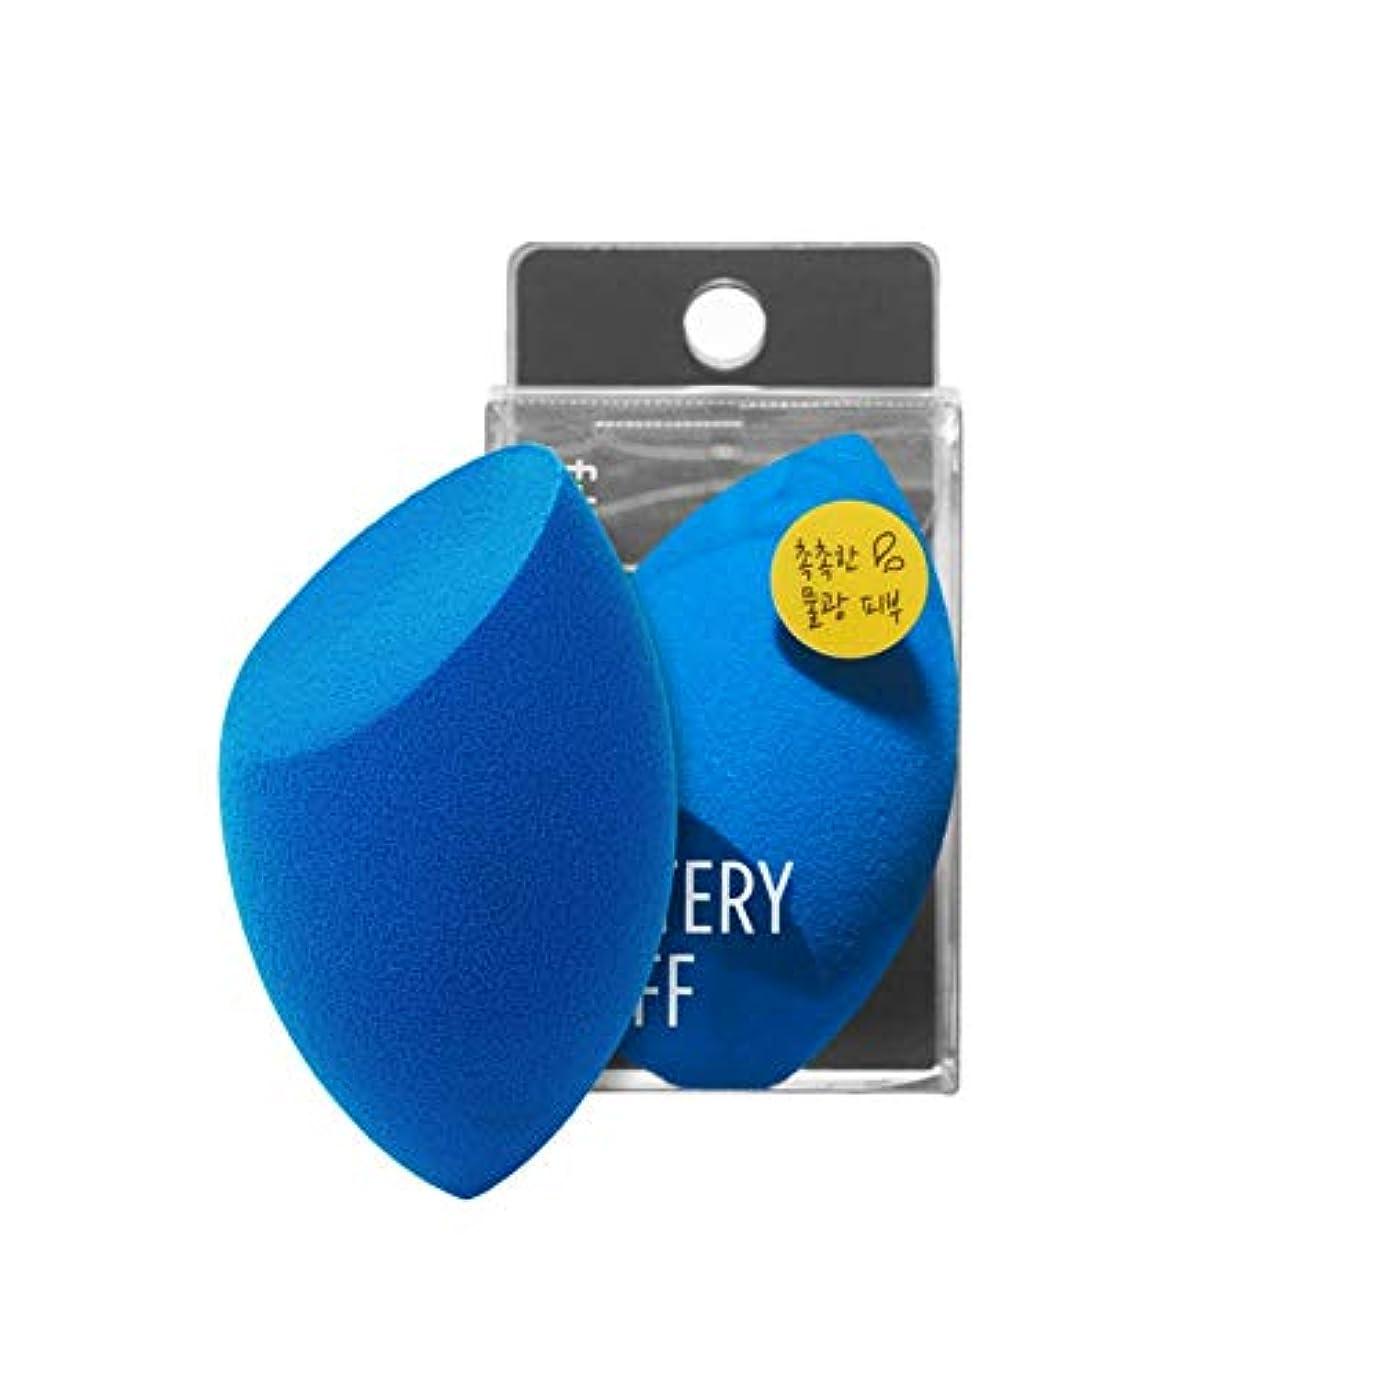 失望自慢協会fillimilli Make-up Sponge Watery Puff しっとりパフ (チョクチョクパフ) 1個 (Olive Young) [並行輸入品]